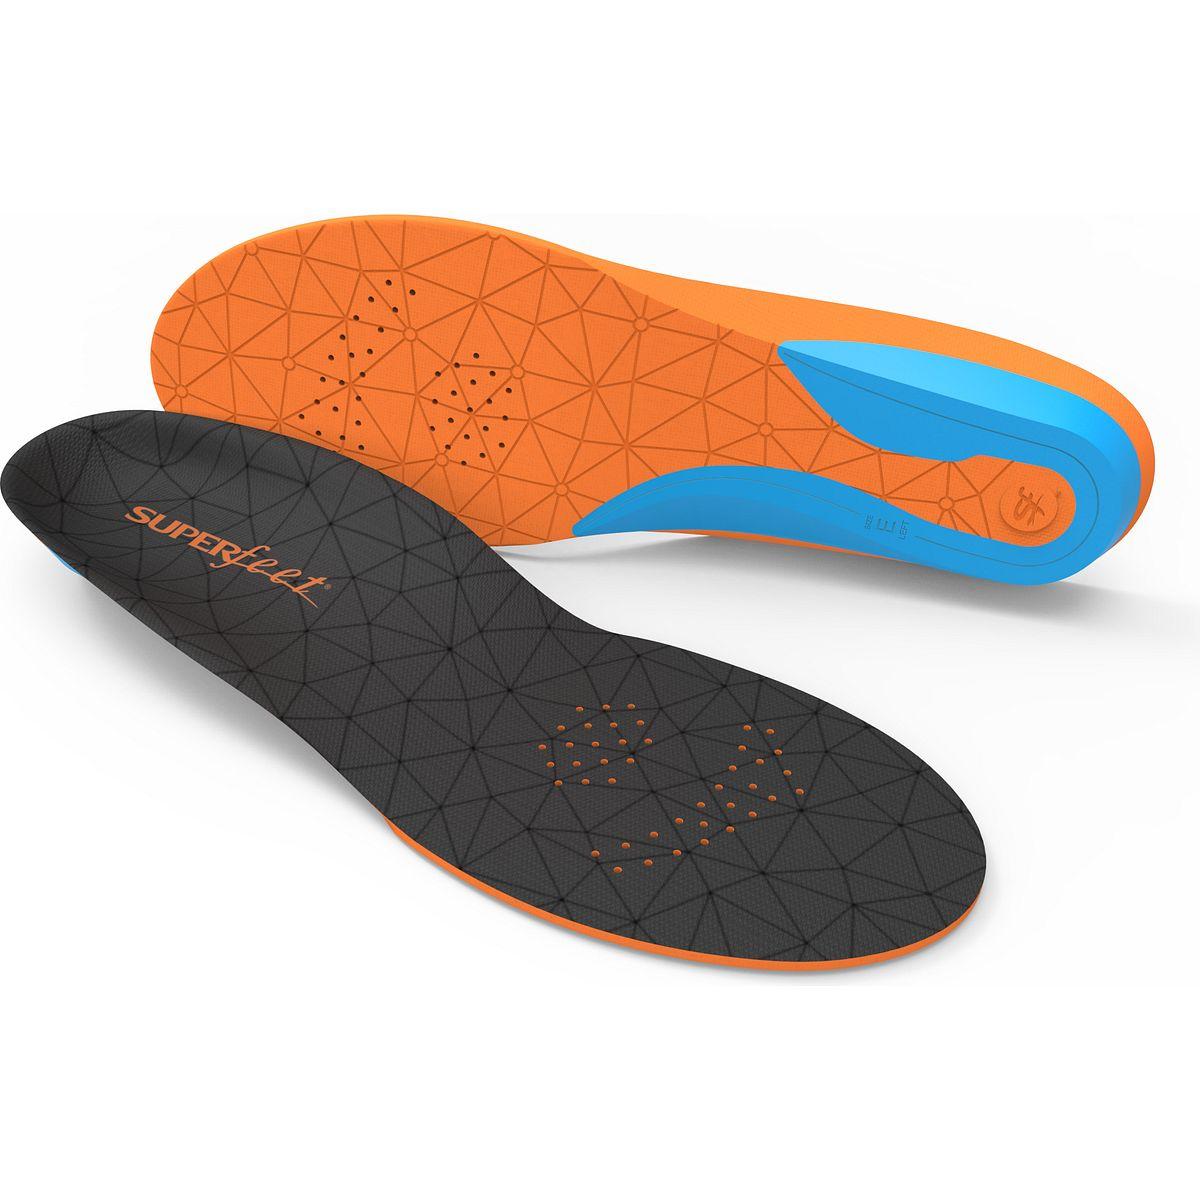 Superfeet FLEX   Fleet Feet